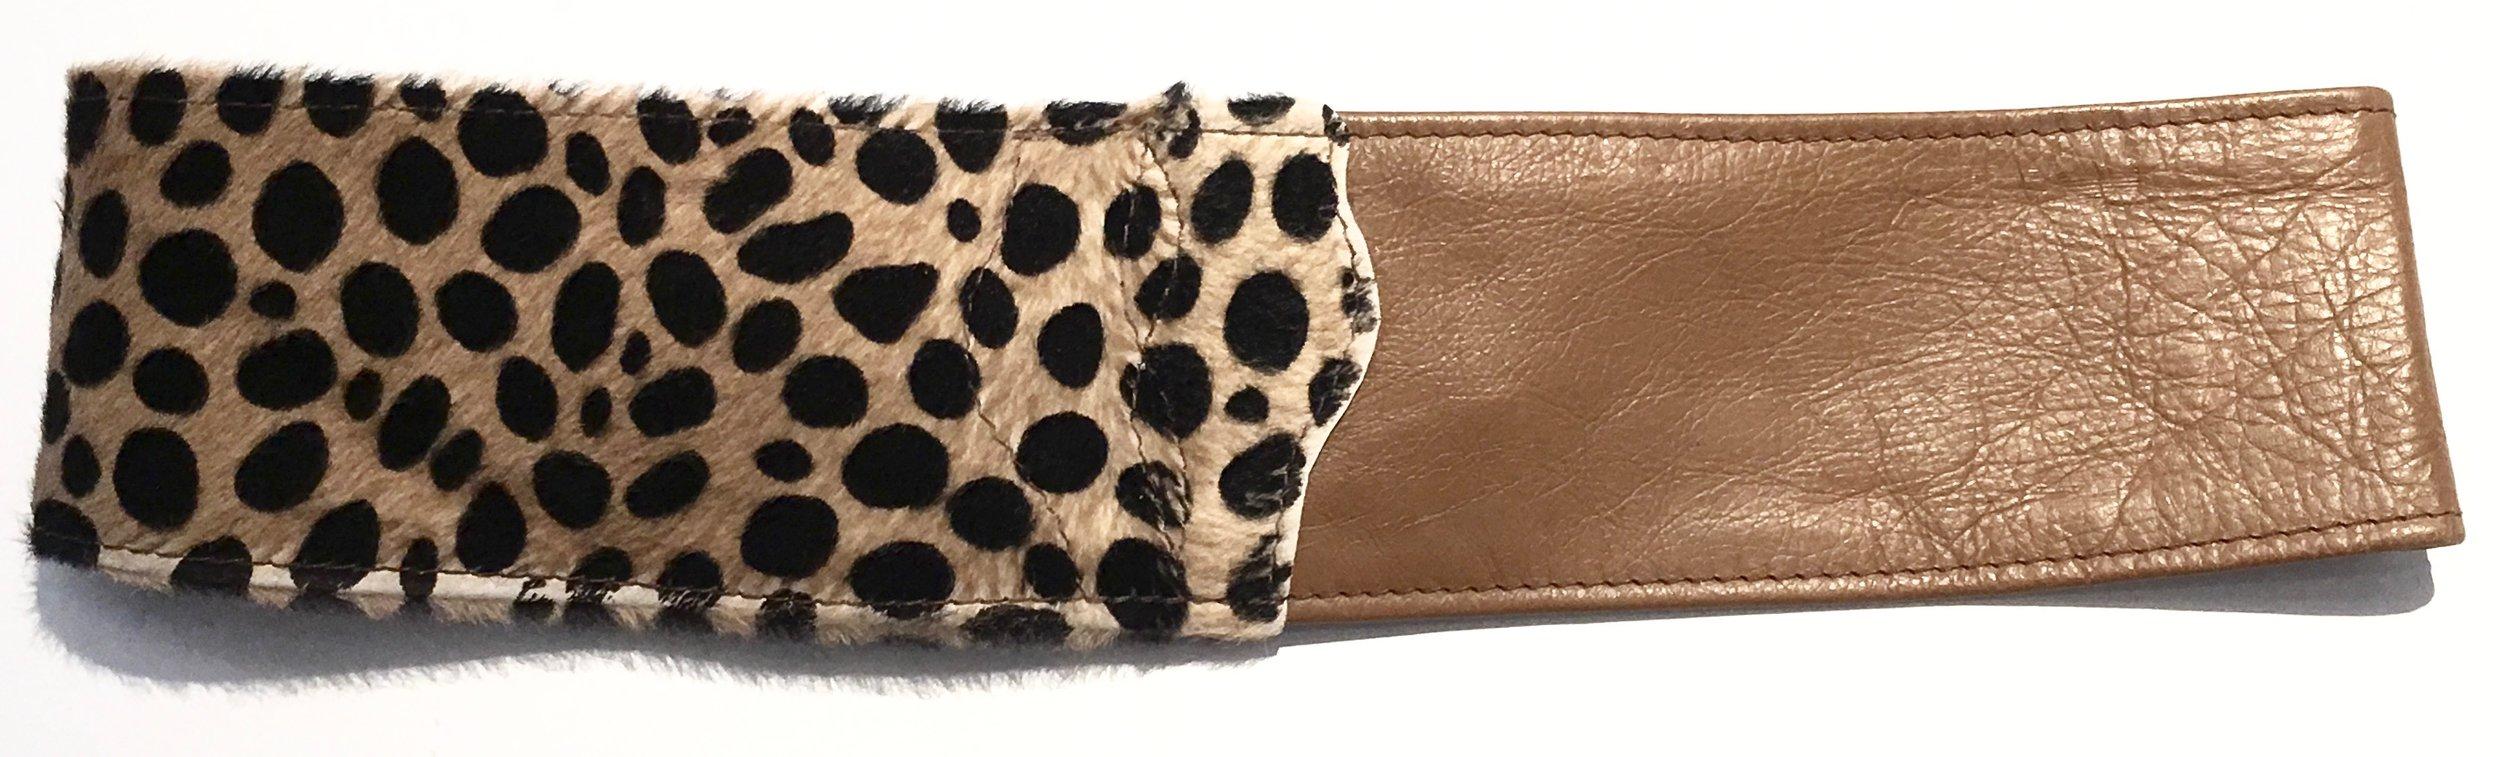 Camel colored cowhide and hair on hide cheetah print HipWear. Adjustable belt closure. Back view..jpg